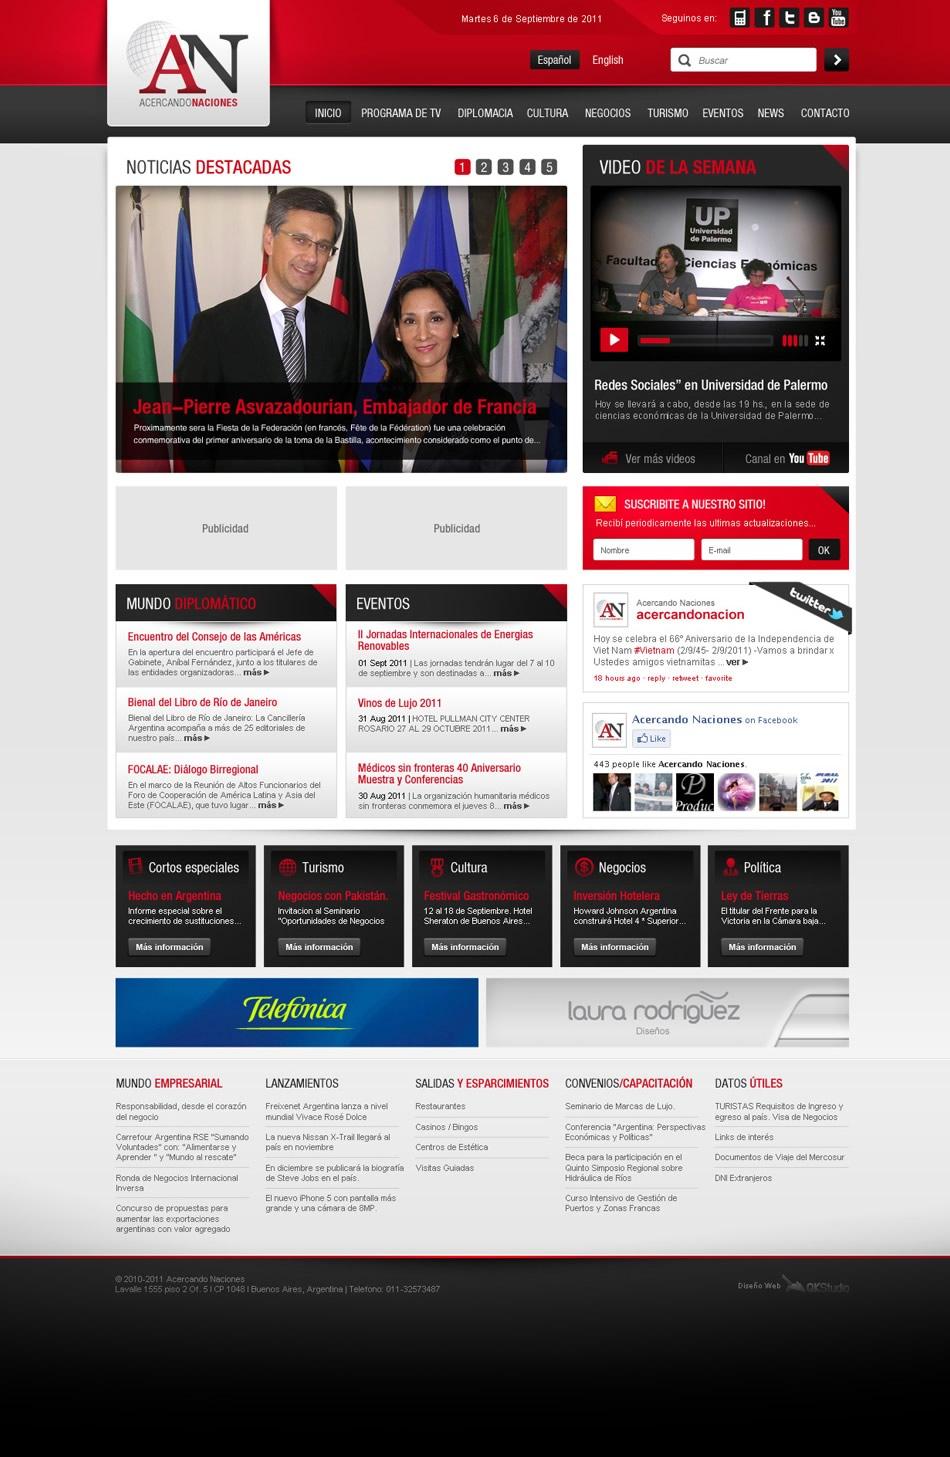 Acercando Naciones WebSite